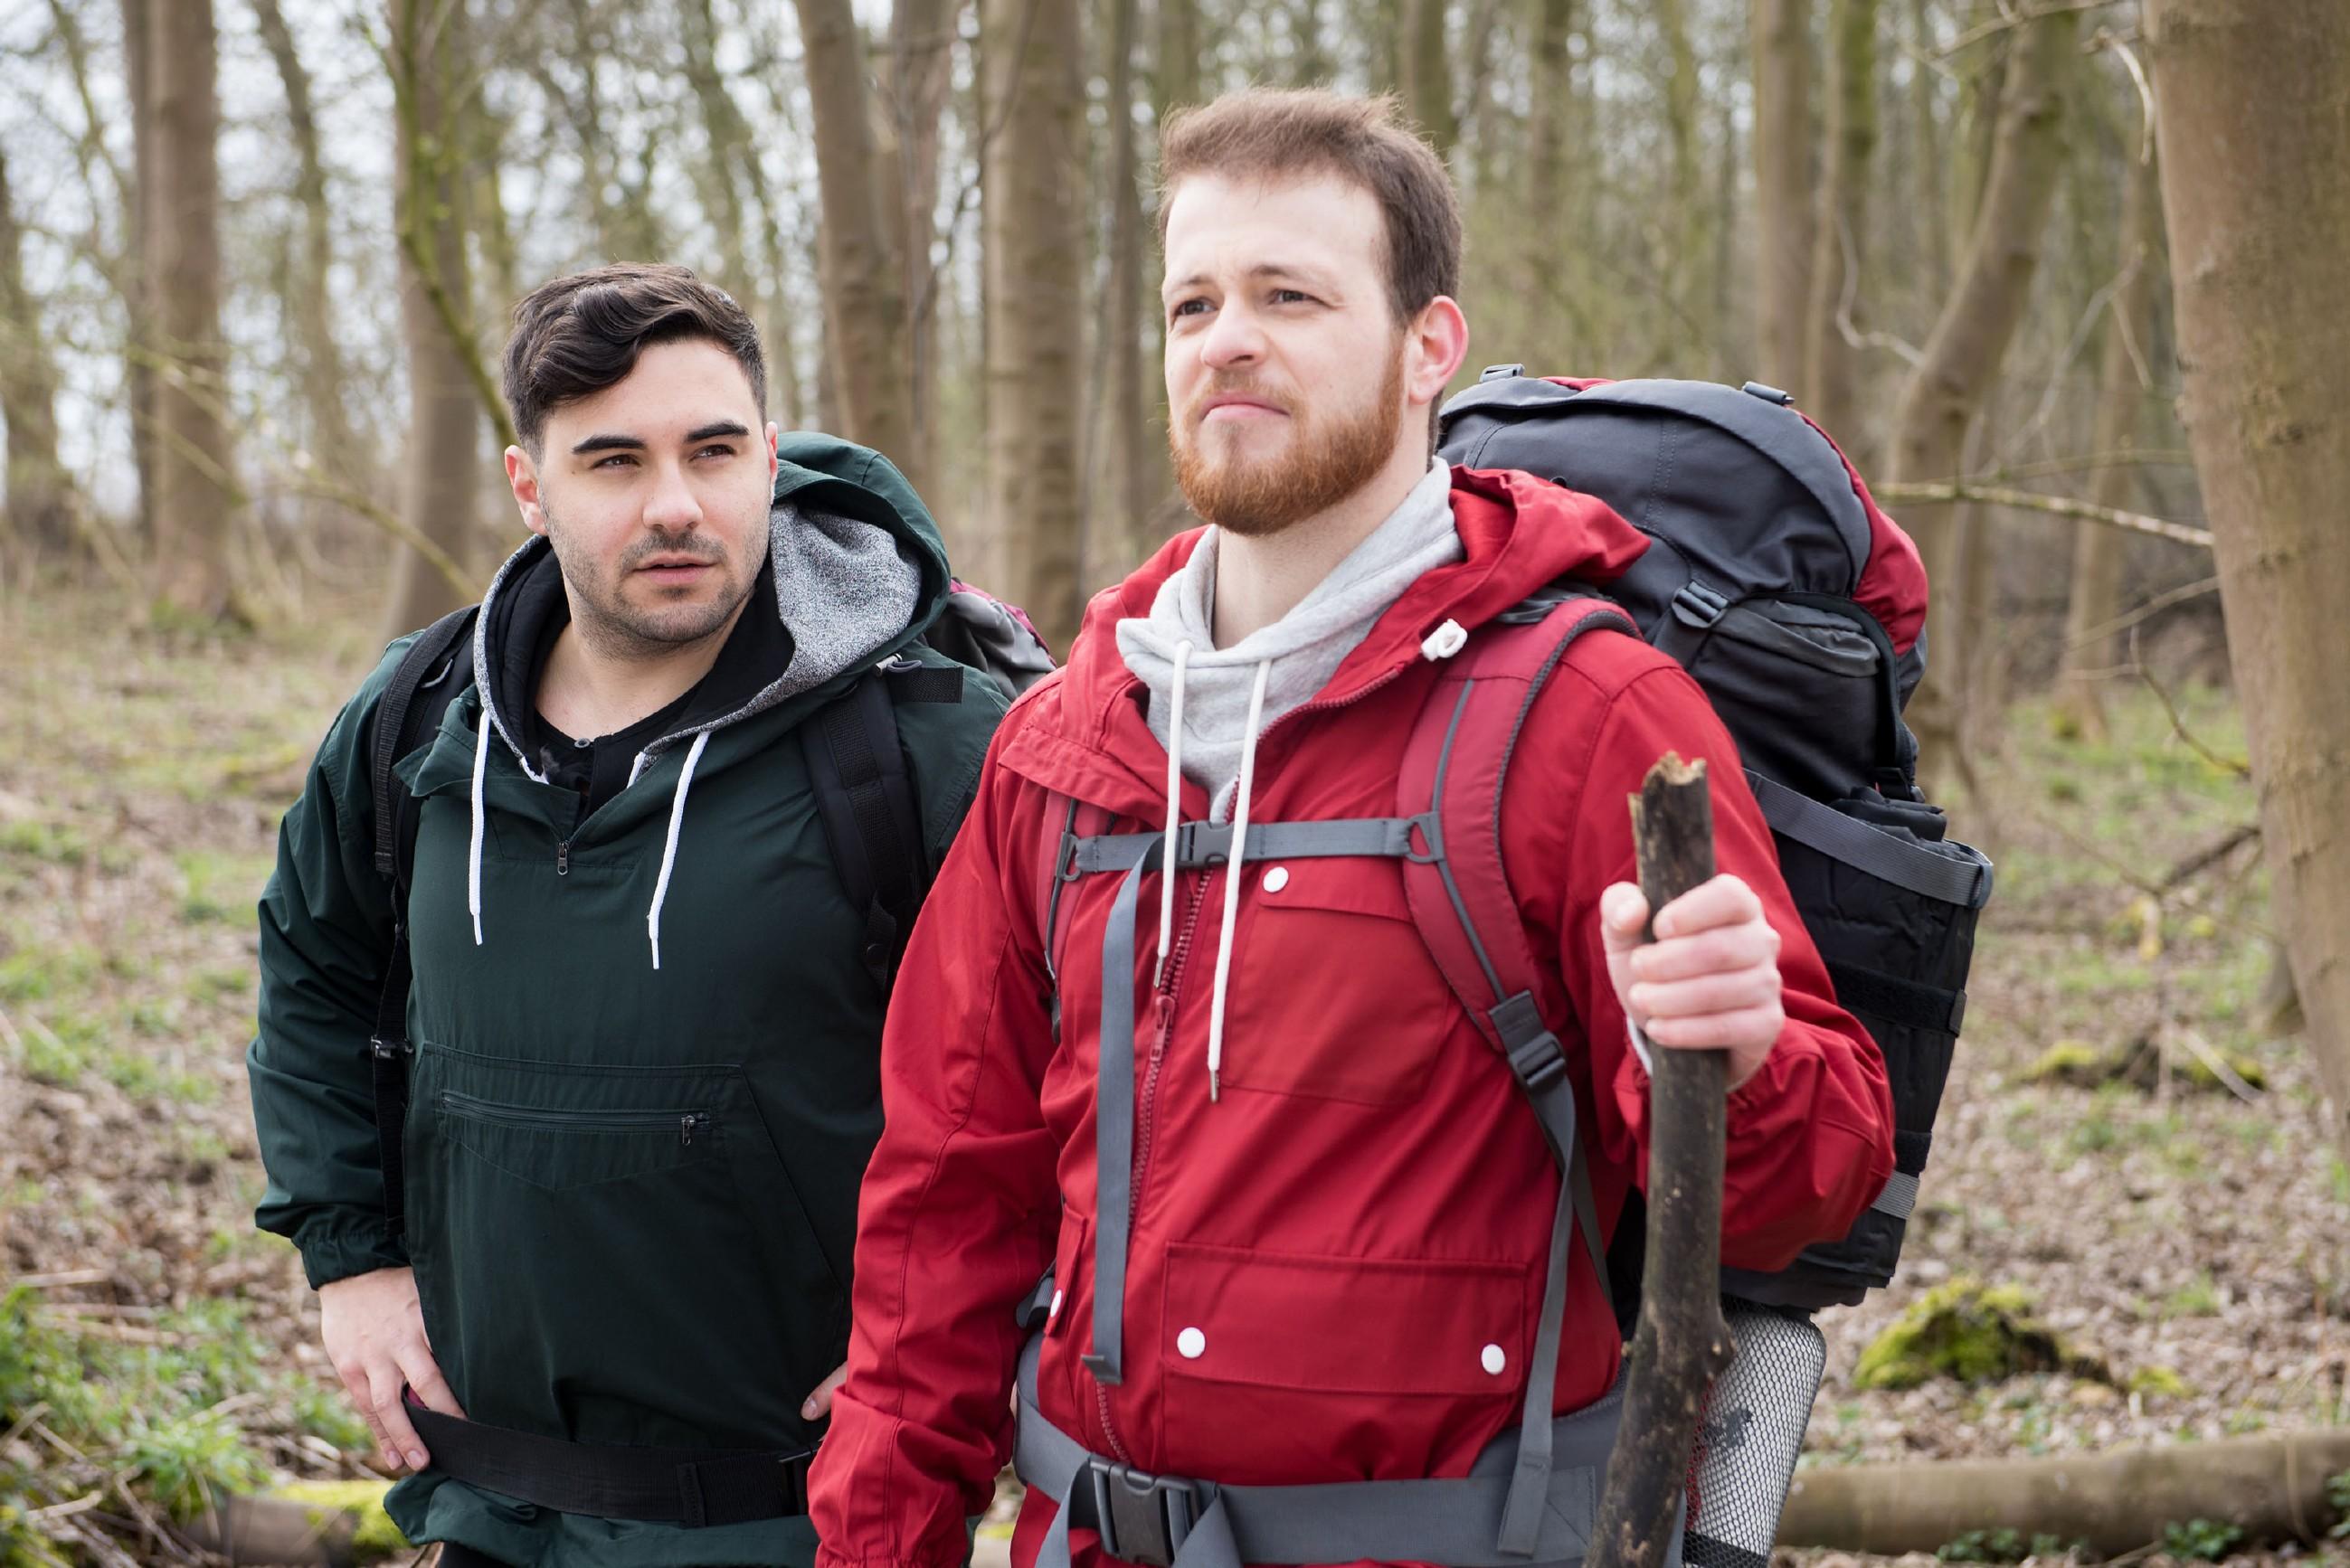 Easy (Lars Steinhöfel, l.) und Tobias (Patrick Müller) brechen zu ihrem Survival-Trip auf und sind entschlossen, es allen zu zeigen und die geplanten drei Wochen Wildnis durchzuziehen. (Quelle: RTL / Stefan Behrens)